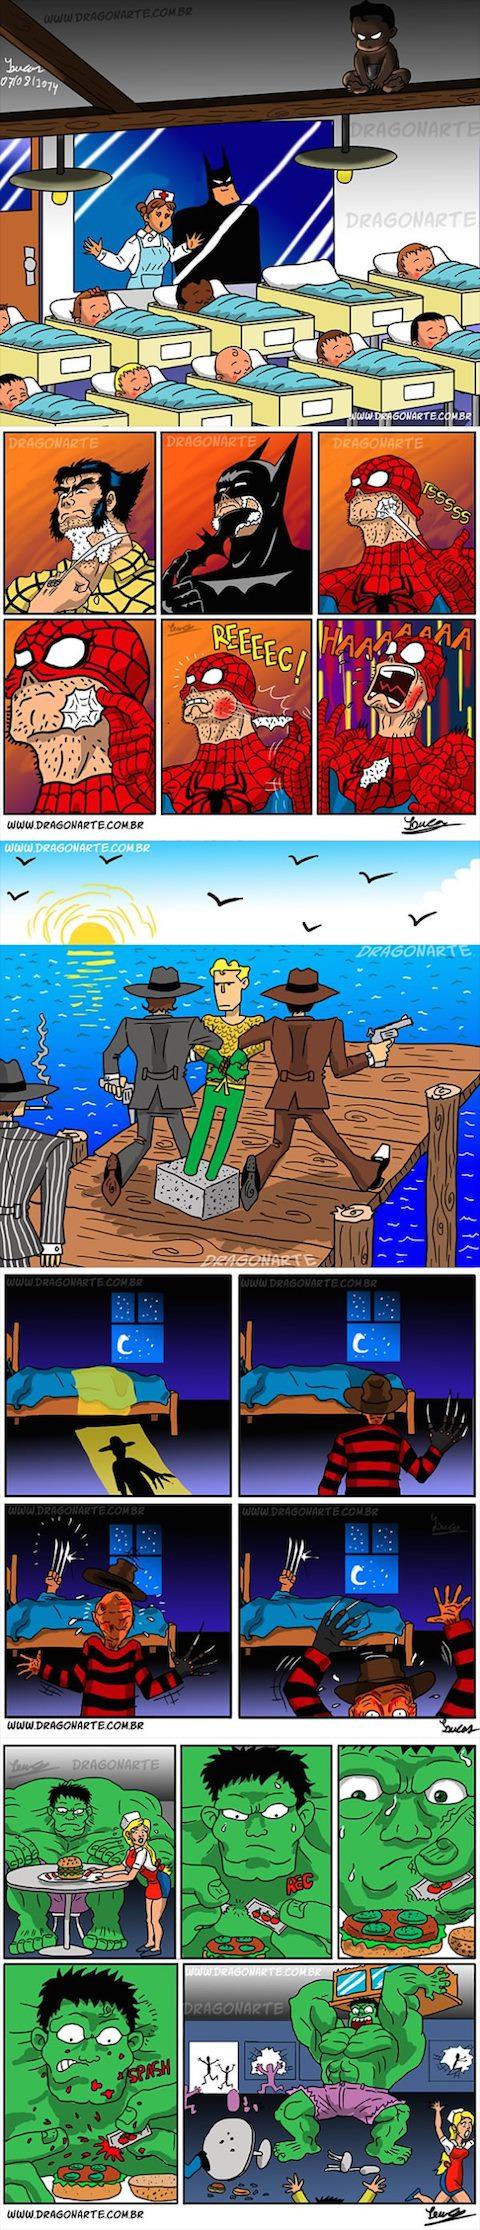 Las mejores bromas de superhéroes en la red